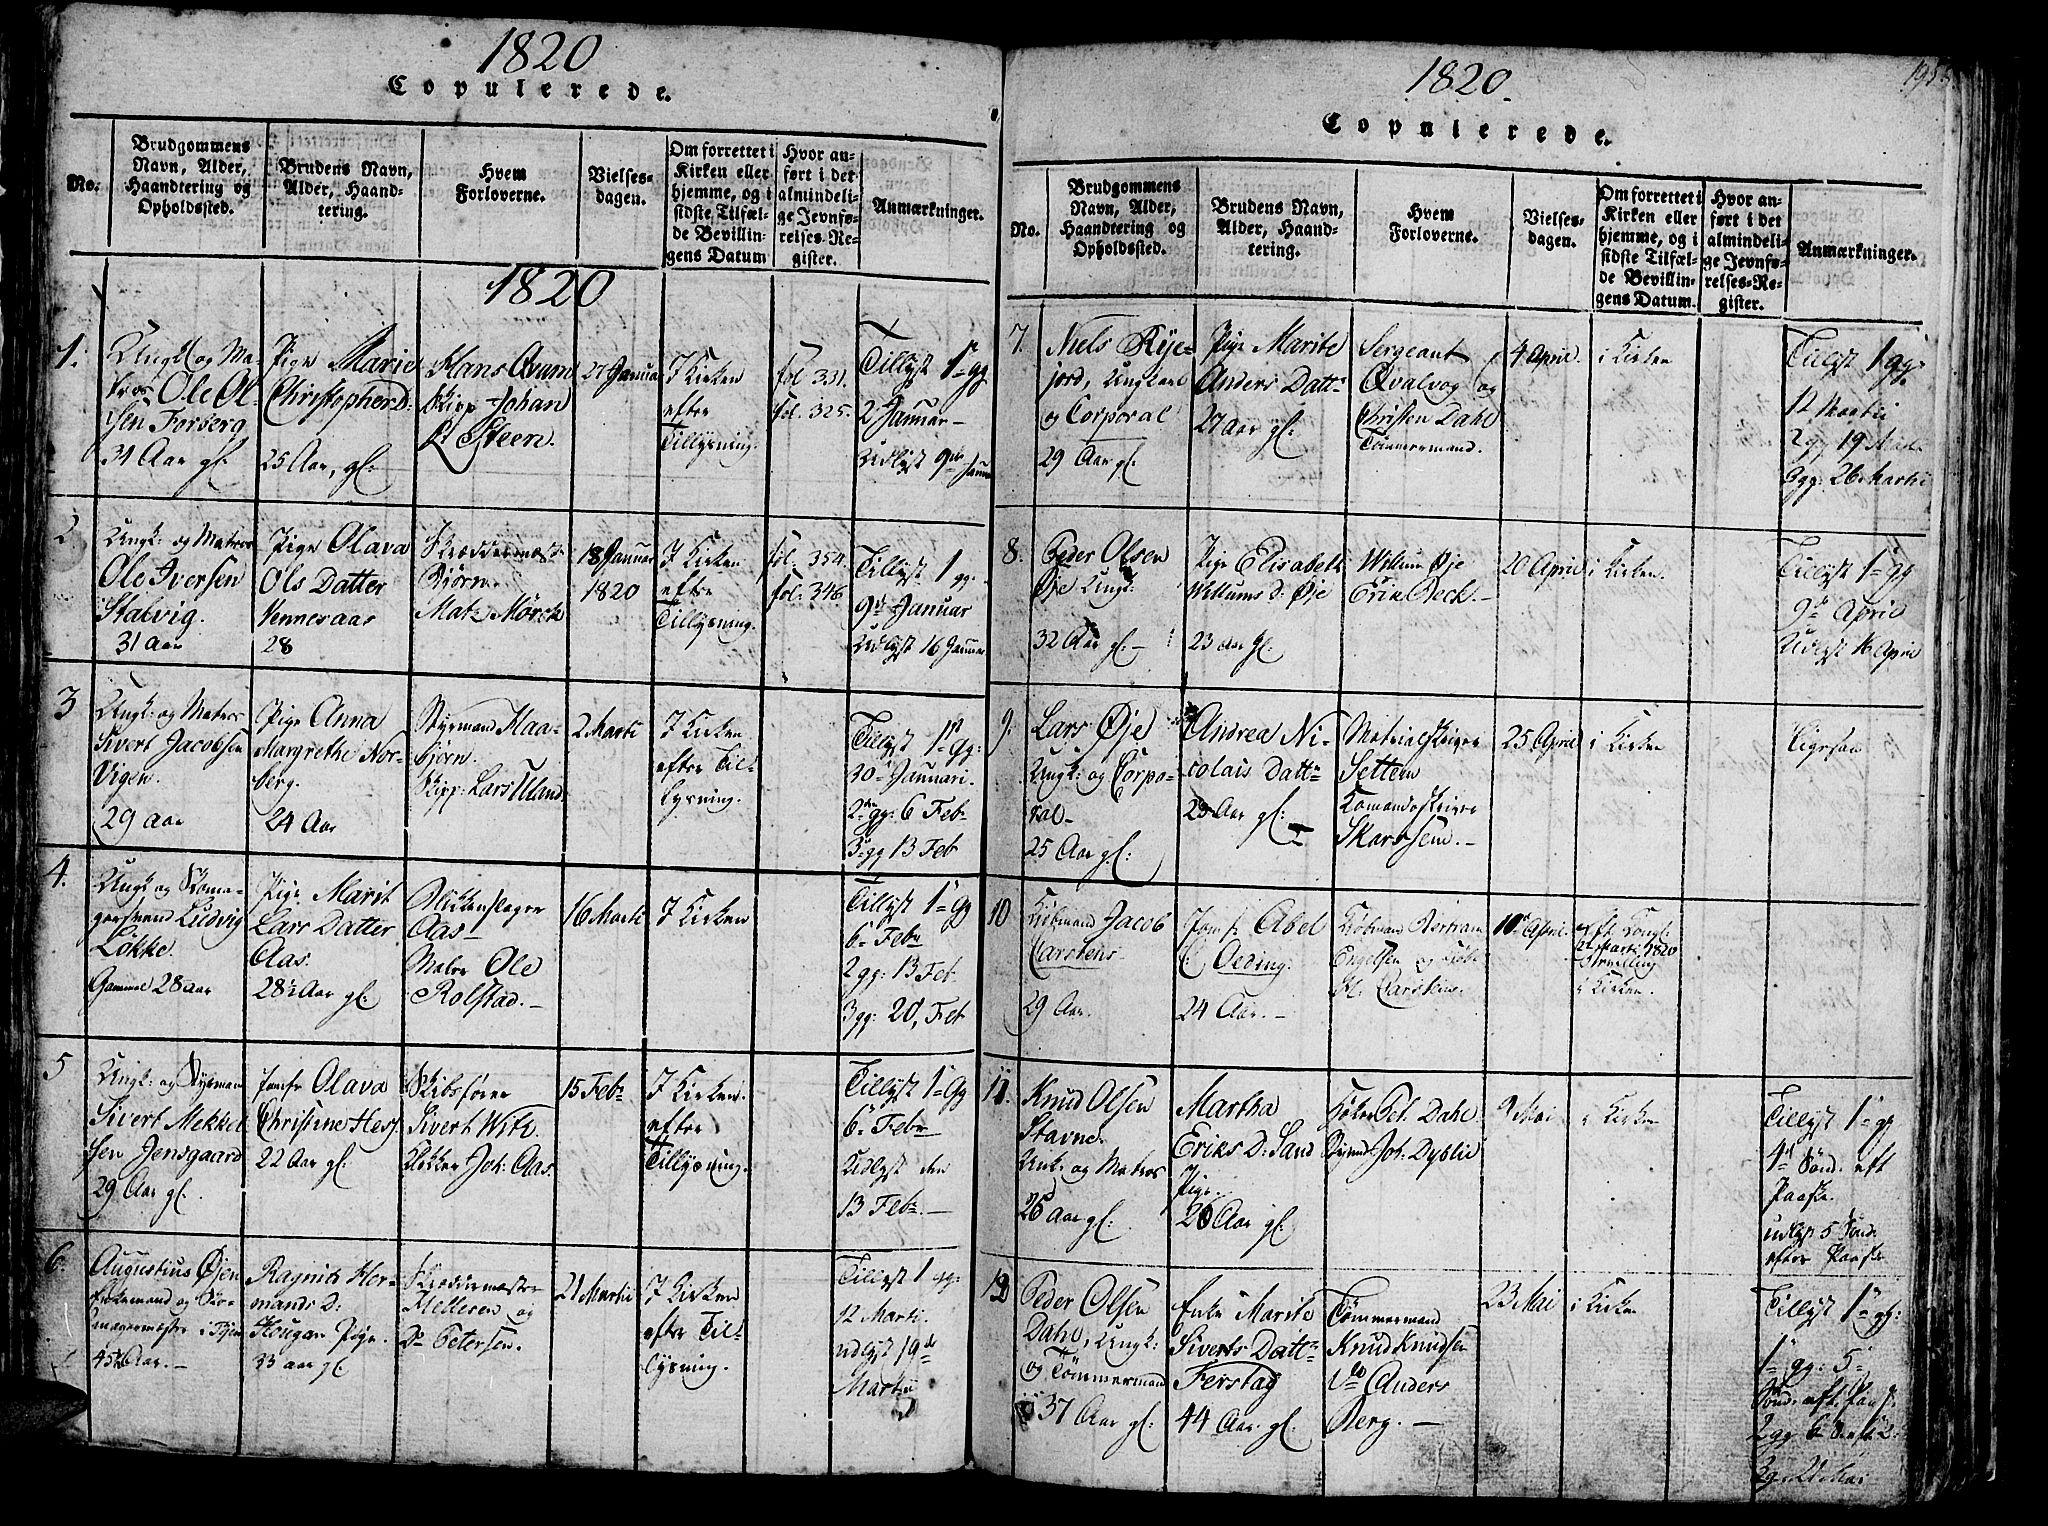 SAT, Ministerialprotokoller, klokkerbøker og fødselsregistre - Sør-Trøndelag, 602/L0135: Klokkerbok nr. 602C03, 1815-1832, s. 195